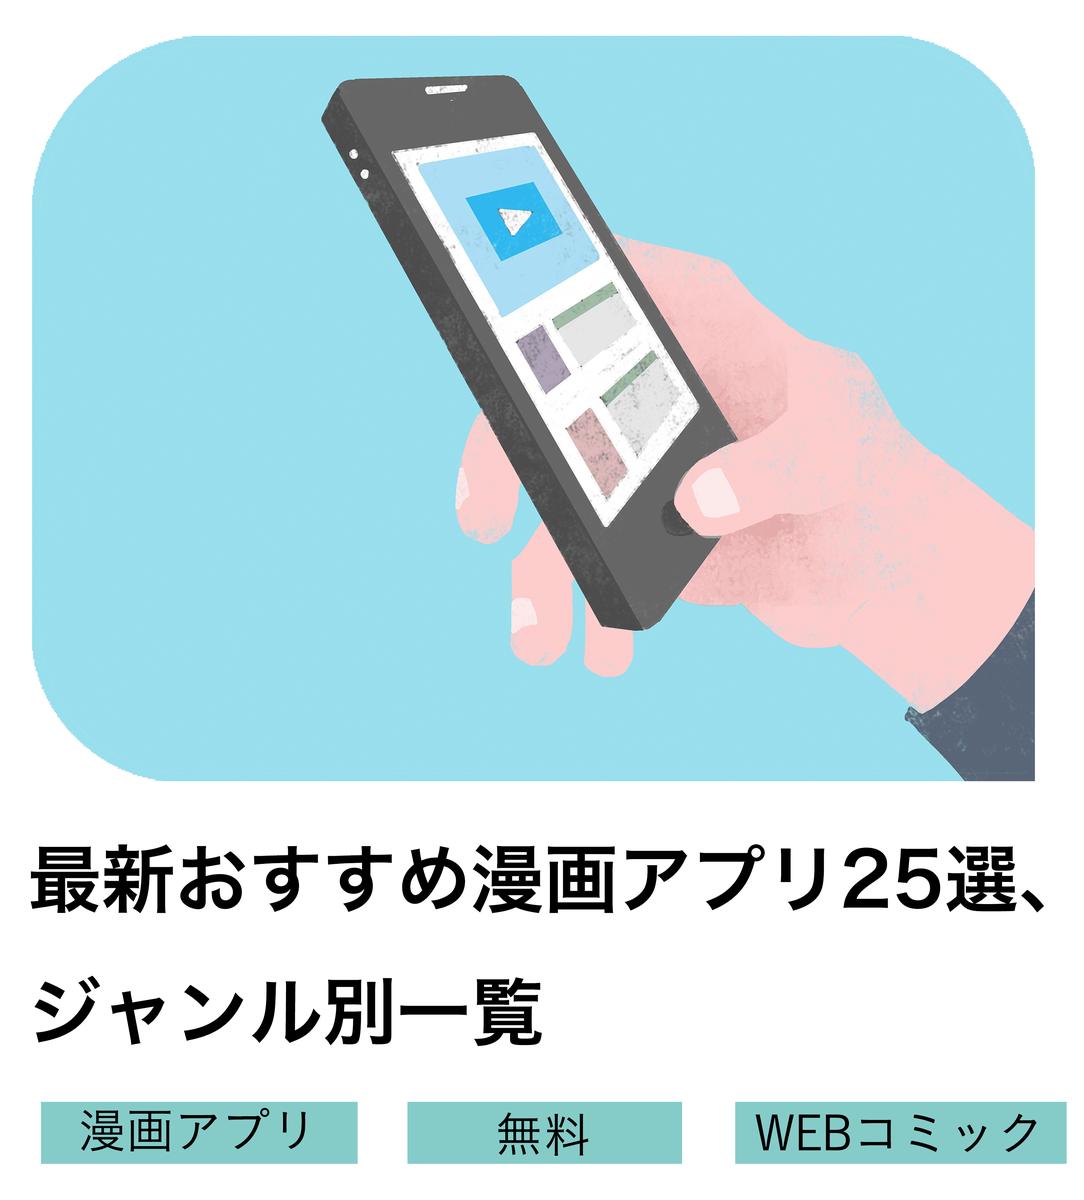 f:id:mimi_shiro:20190406154250p:plain